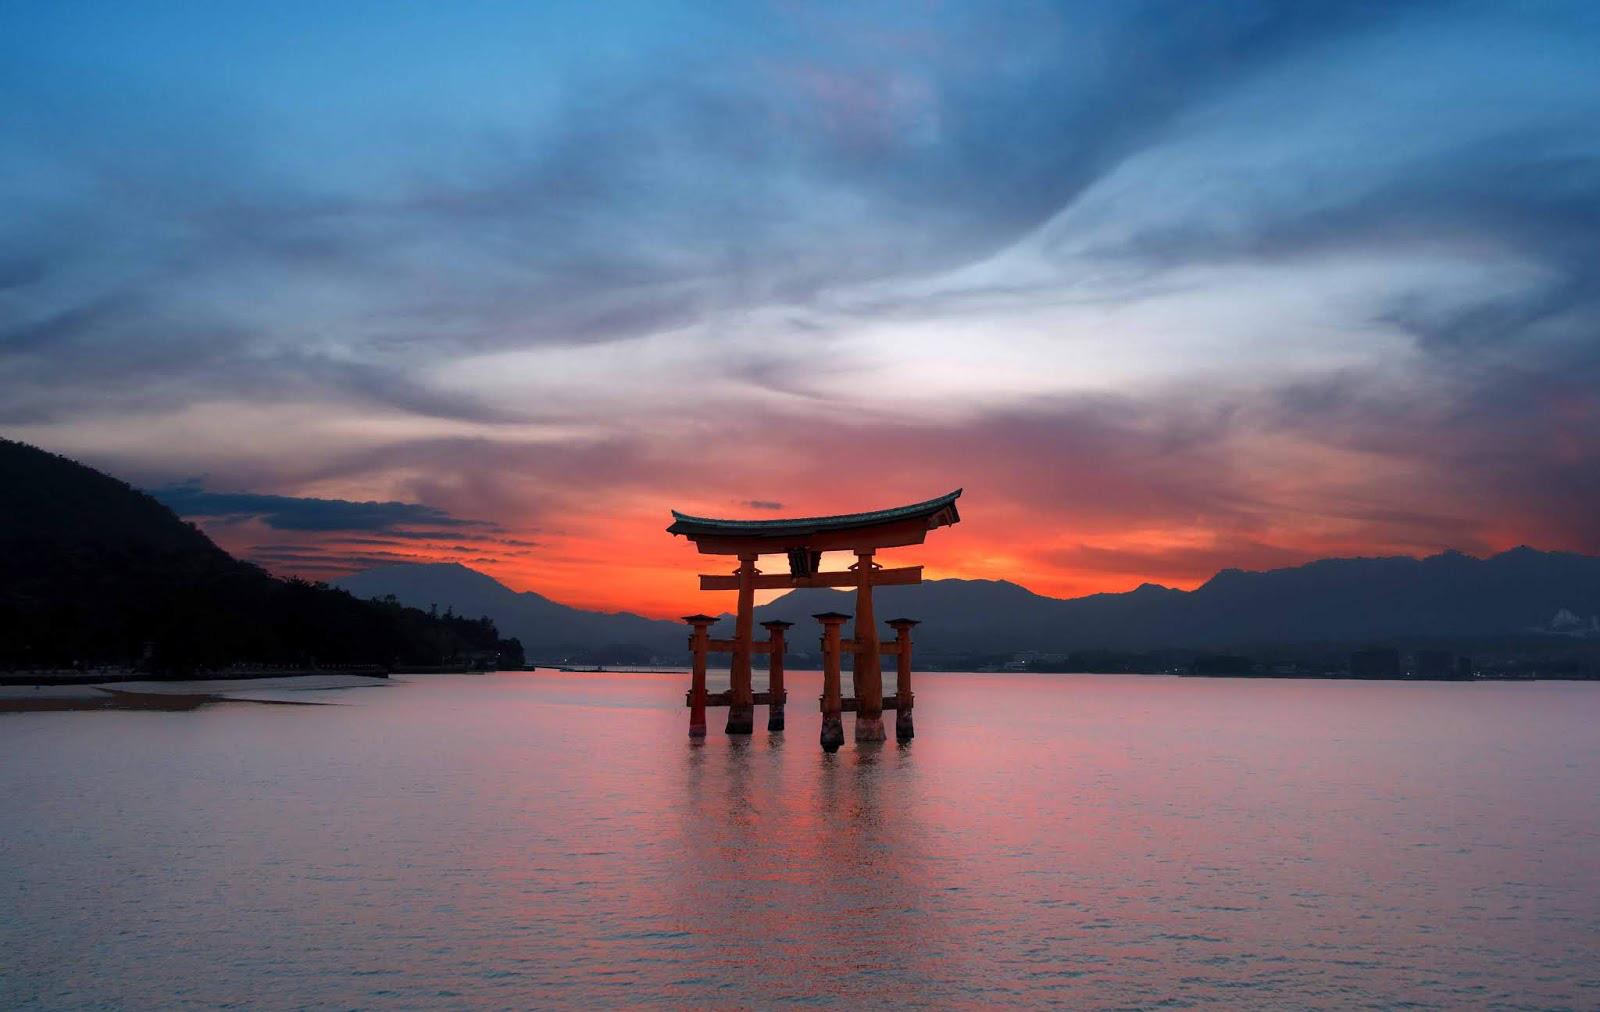 Kami - Năng lực sáng tạo từ thiên nhiên của nghệ nhân Nhật Bản - Hình 1